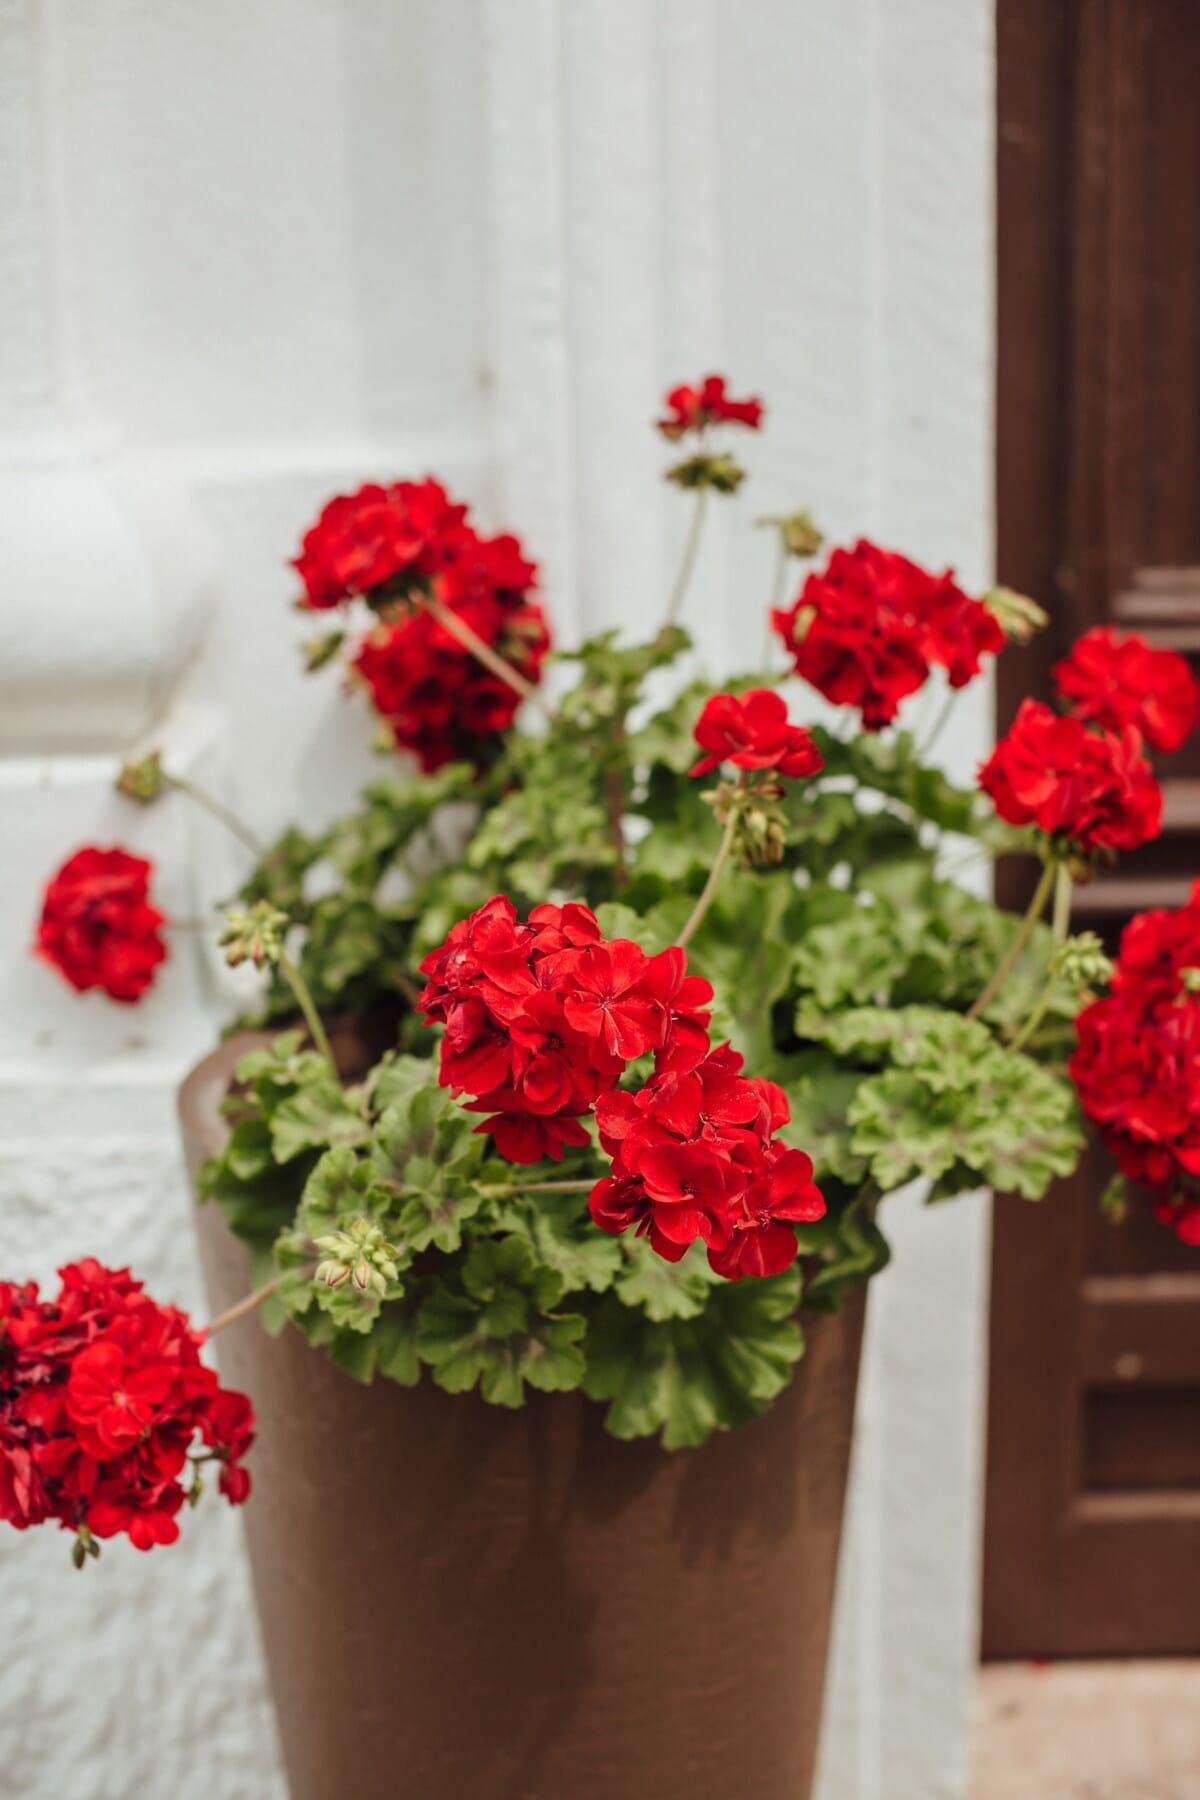 red, geranium, flowerpot, decoration, nature, flower, arrangement, plant, flowers, leaf